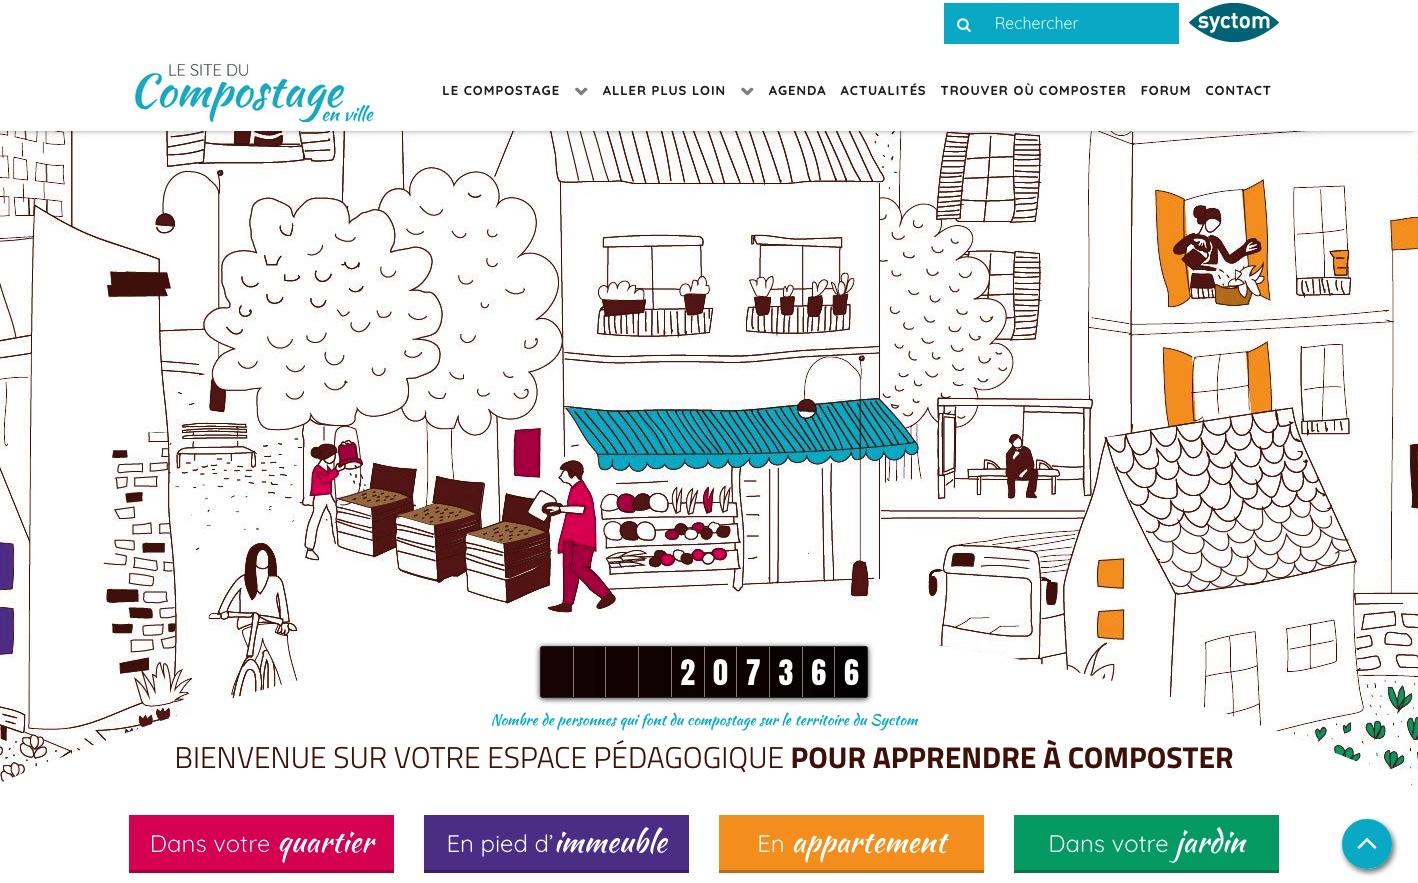 Le site du compostage en ville : jecomposteneville.fr